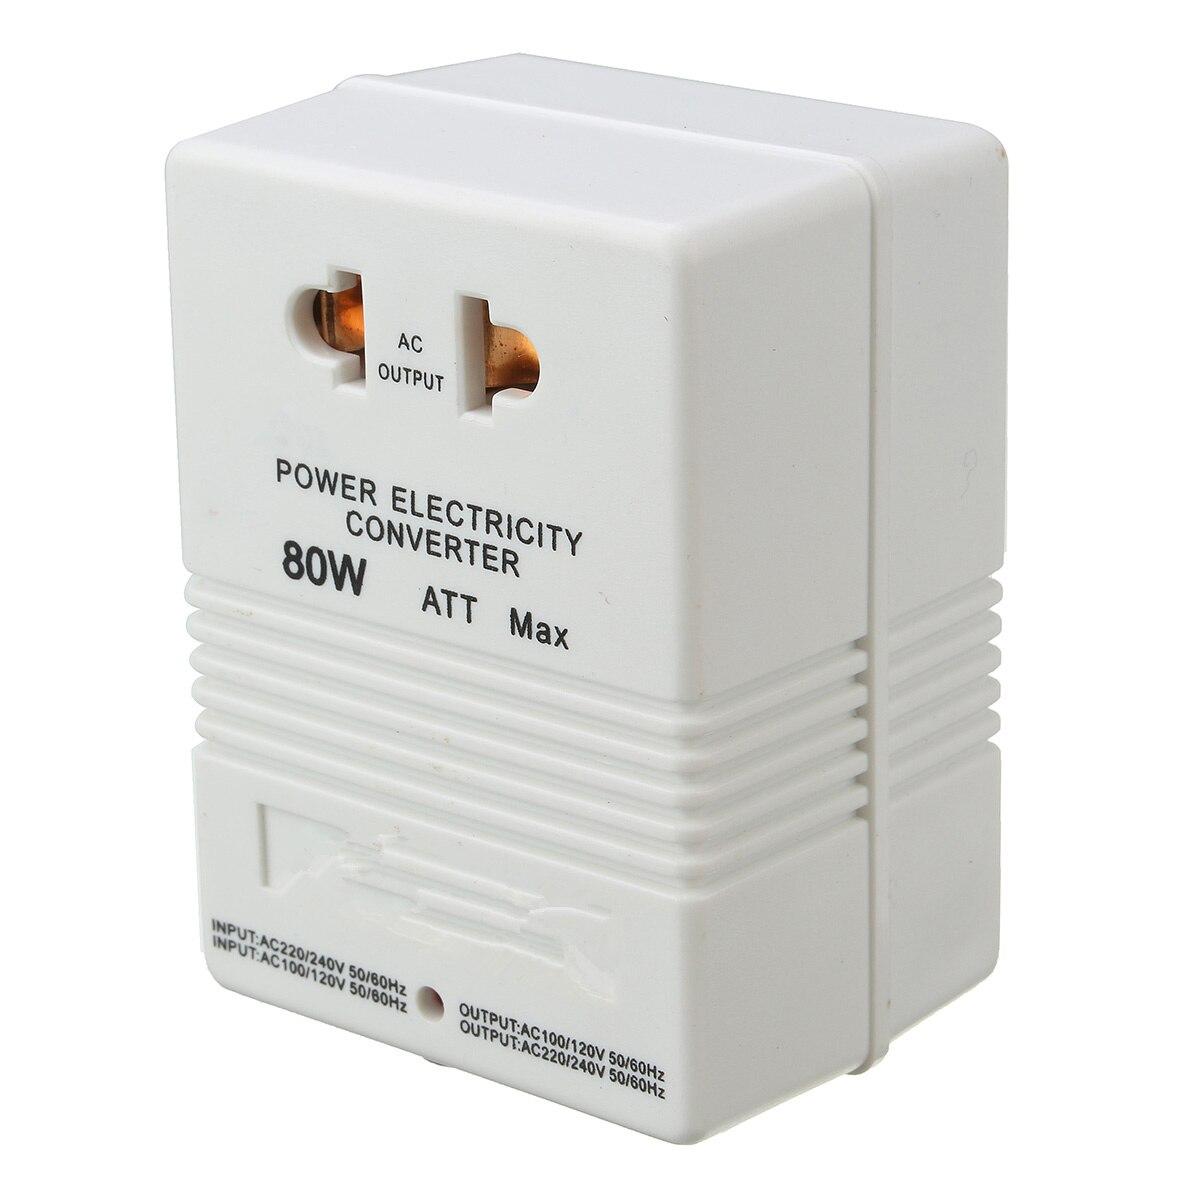 все цены на 80W 110V to 220V Converter New Step Up Down Power Eletric VOLTAGE CONVERTER Adapter Watt Transformer Travel онлайн